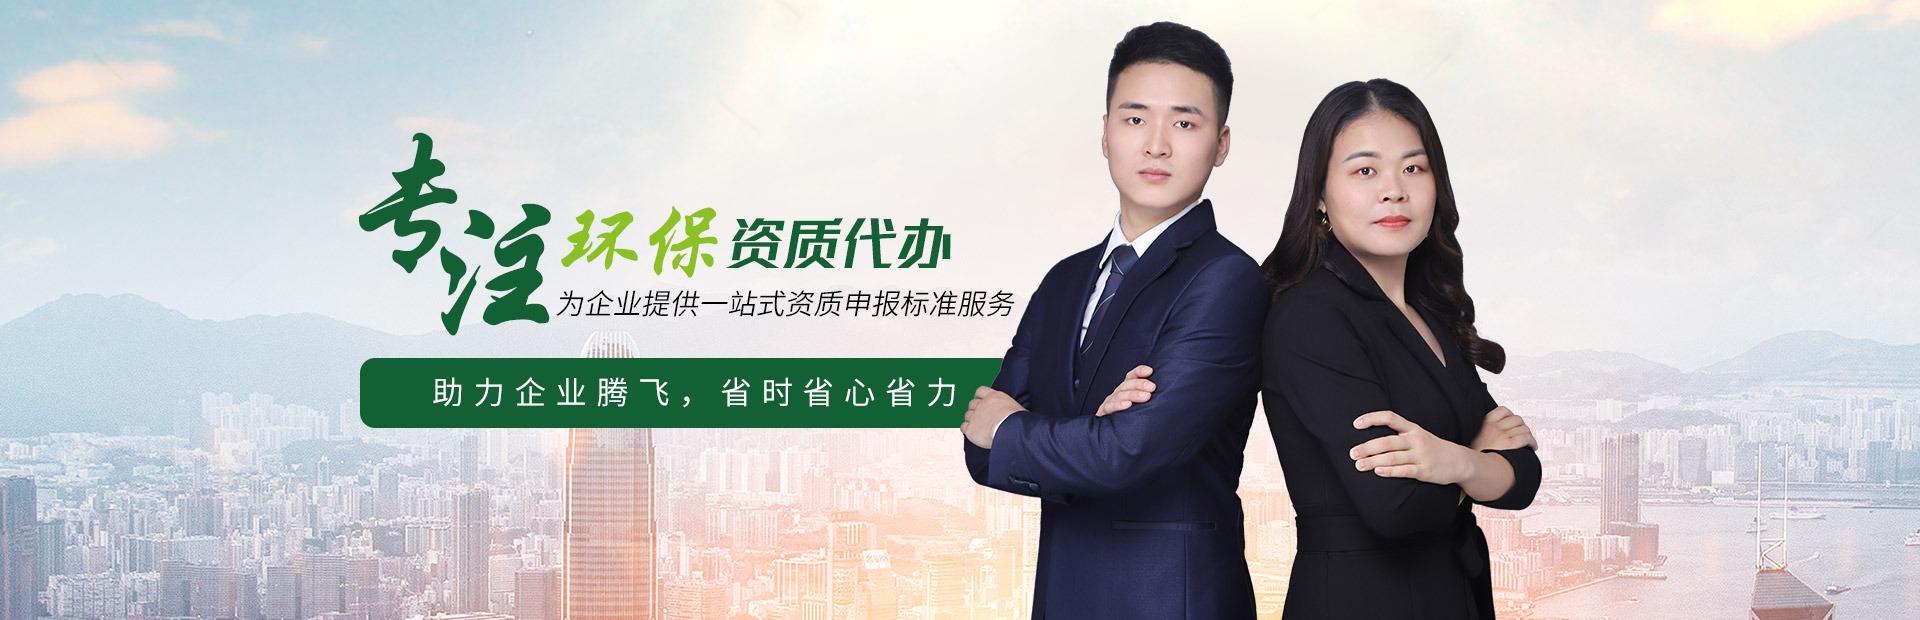 广州泰融生态环保科技有限公司,专注环保资质代办(CES认证、CCEP认证等),为企业提供一站式环保申报标准服务